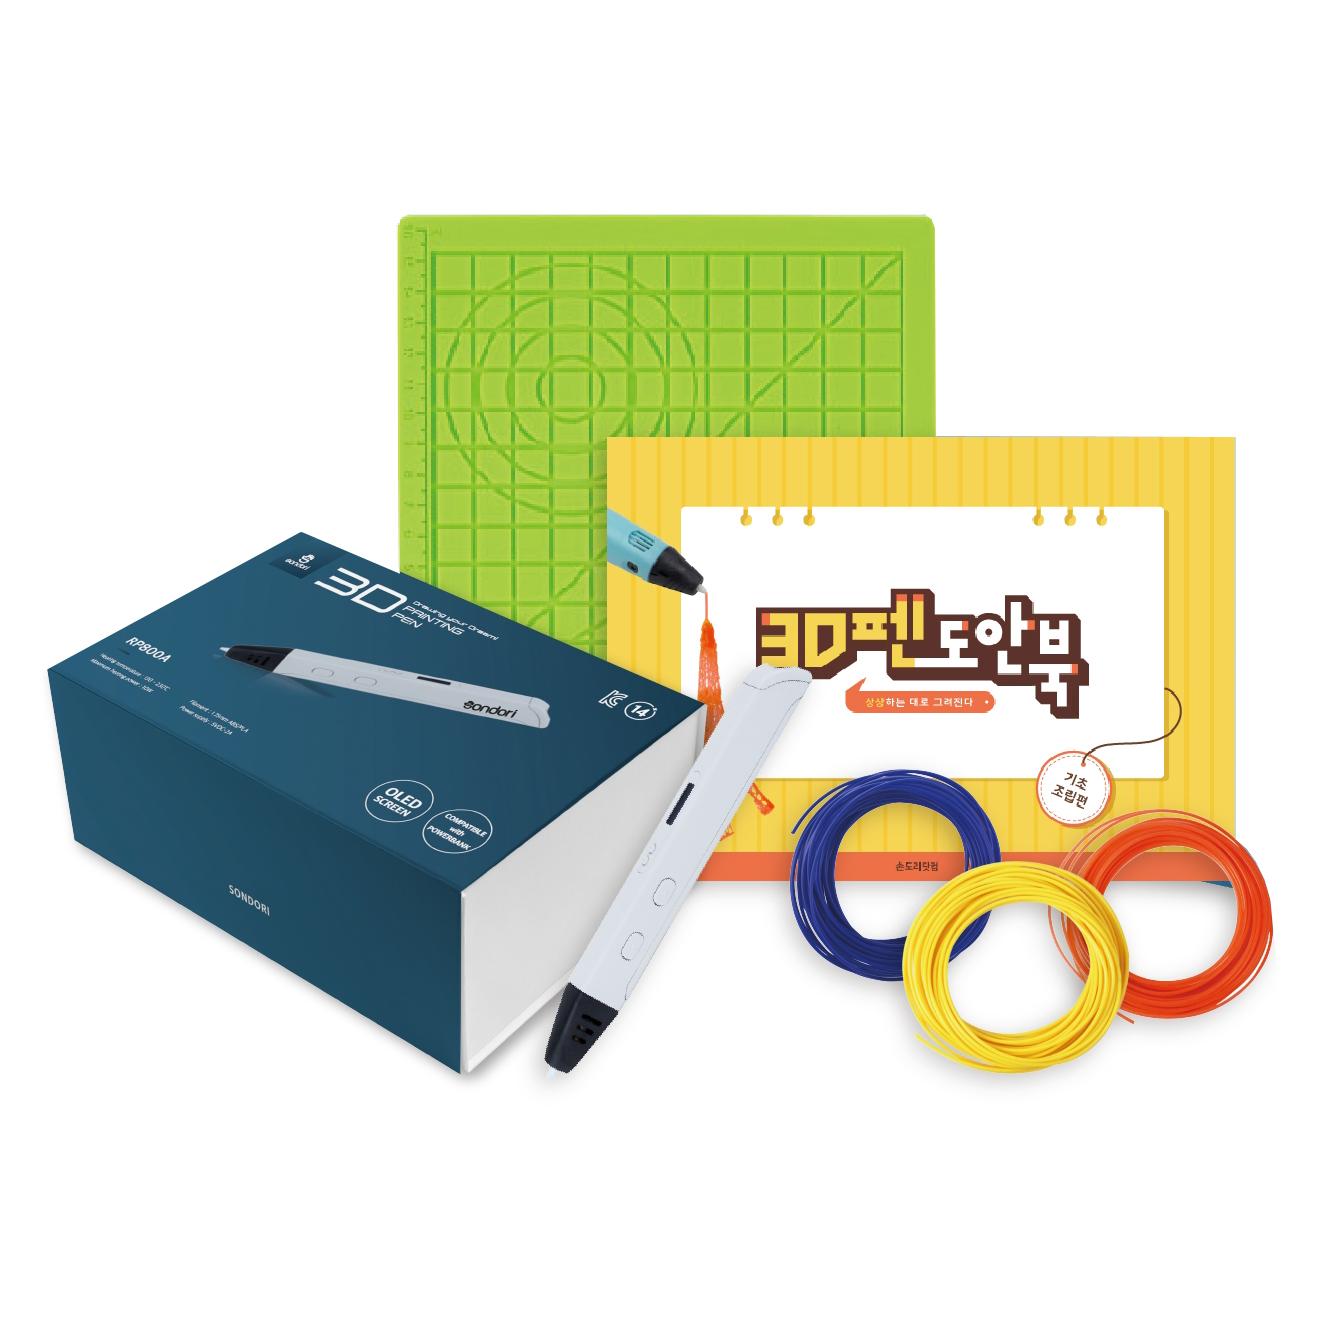 손도리 3D펜 고급형 소형 패키지, RP800A